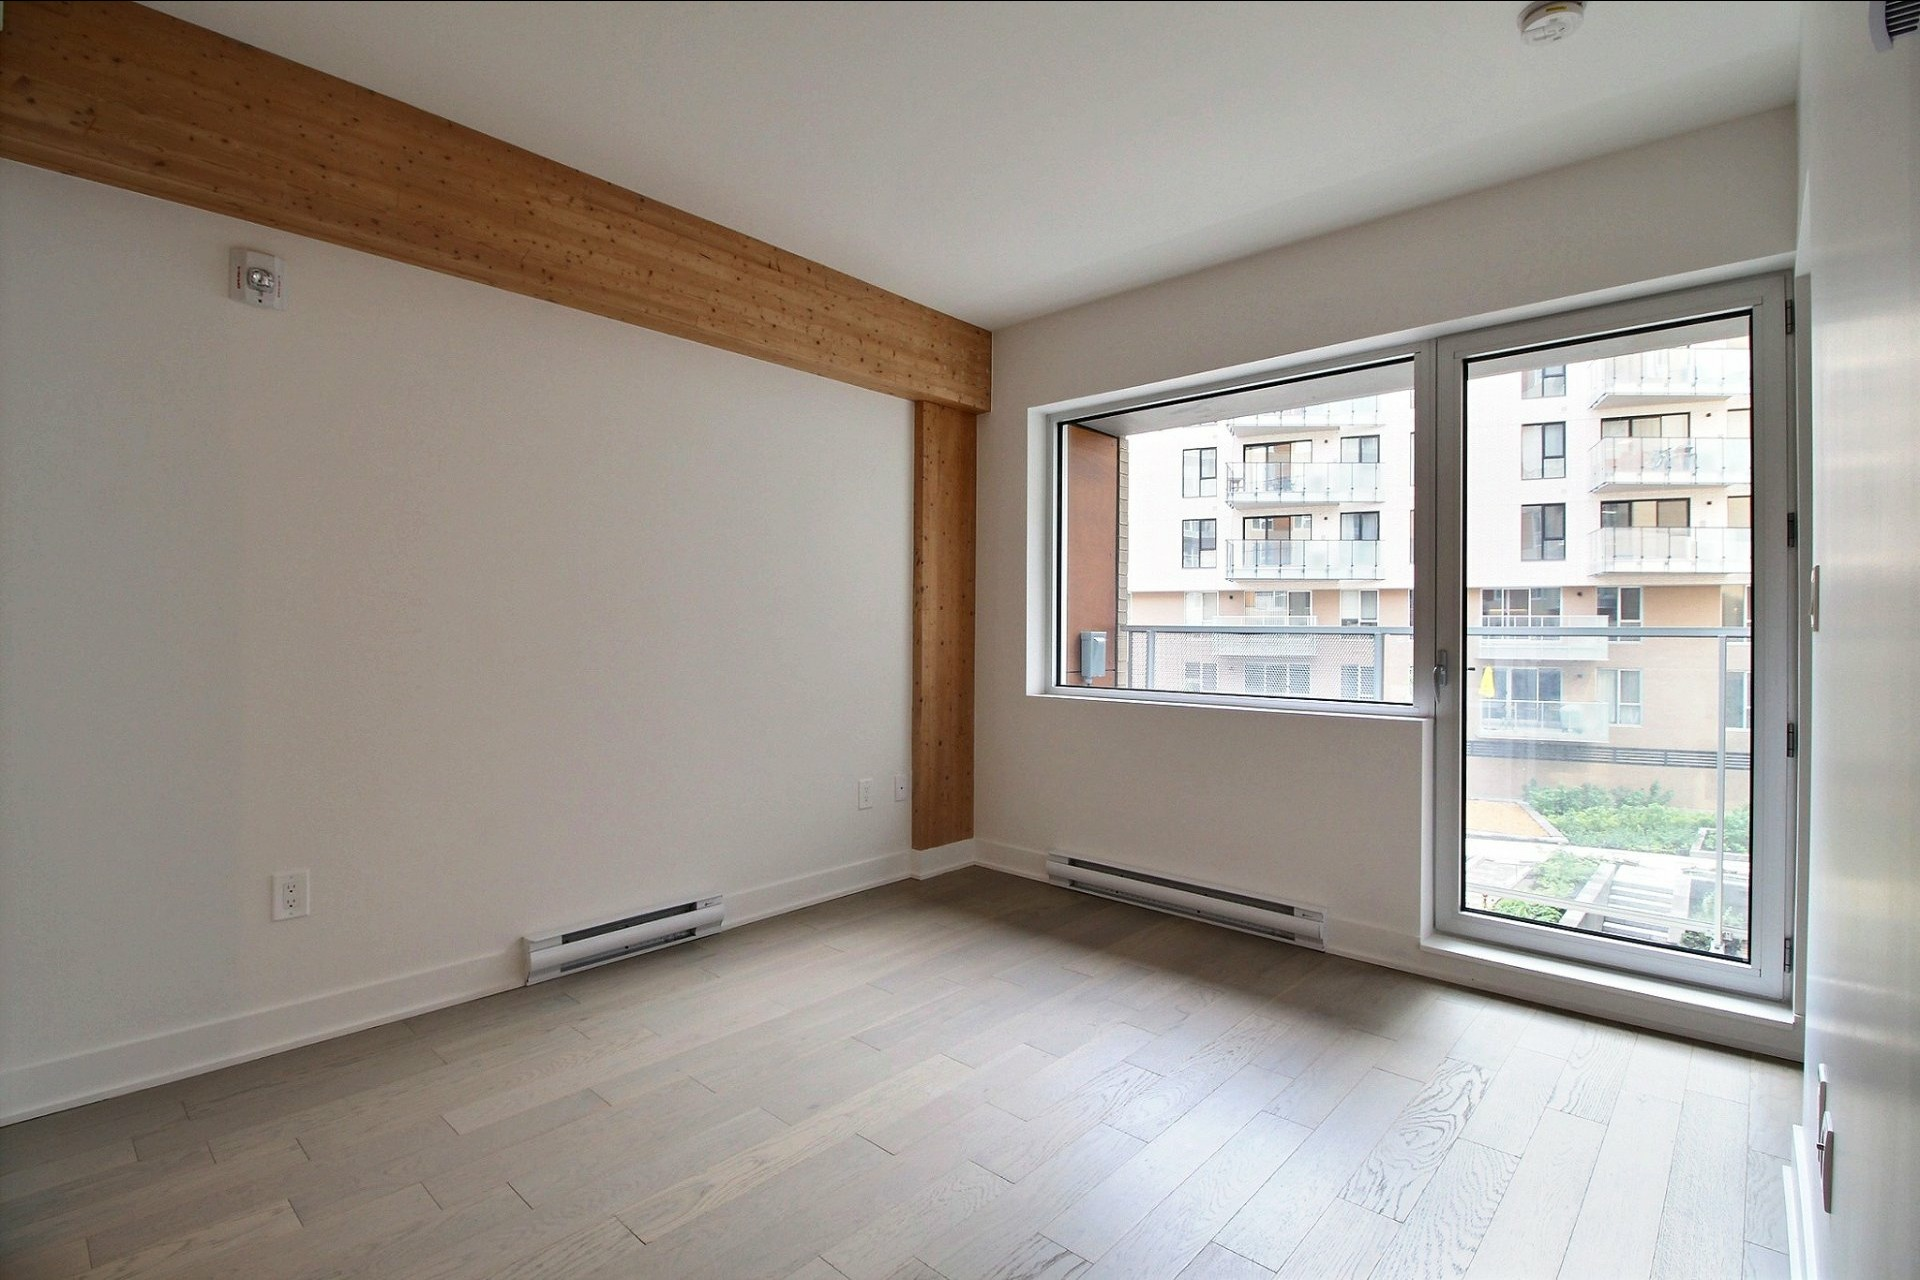 image 4 - Appartement À louer Montréal Le Sud-Ouest  - 4 pièces